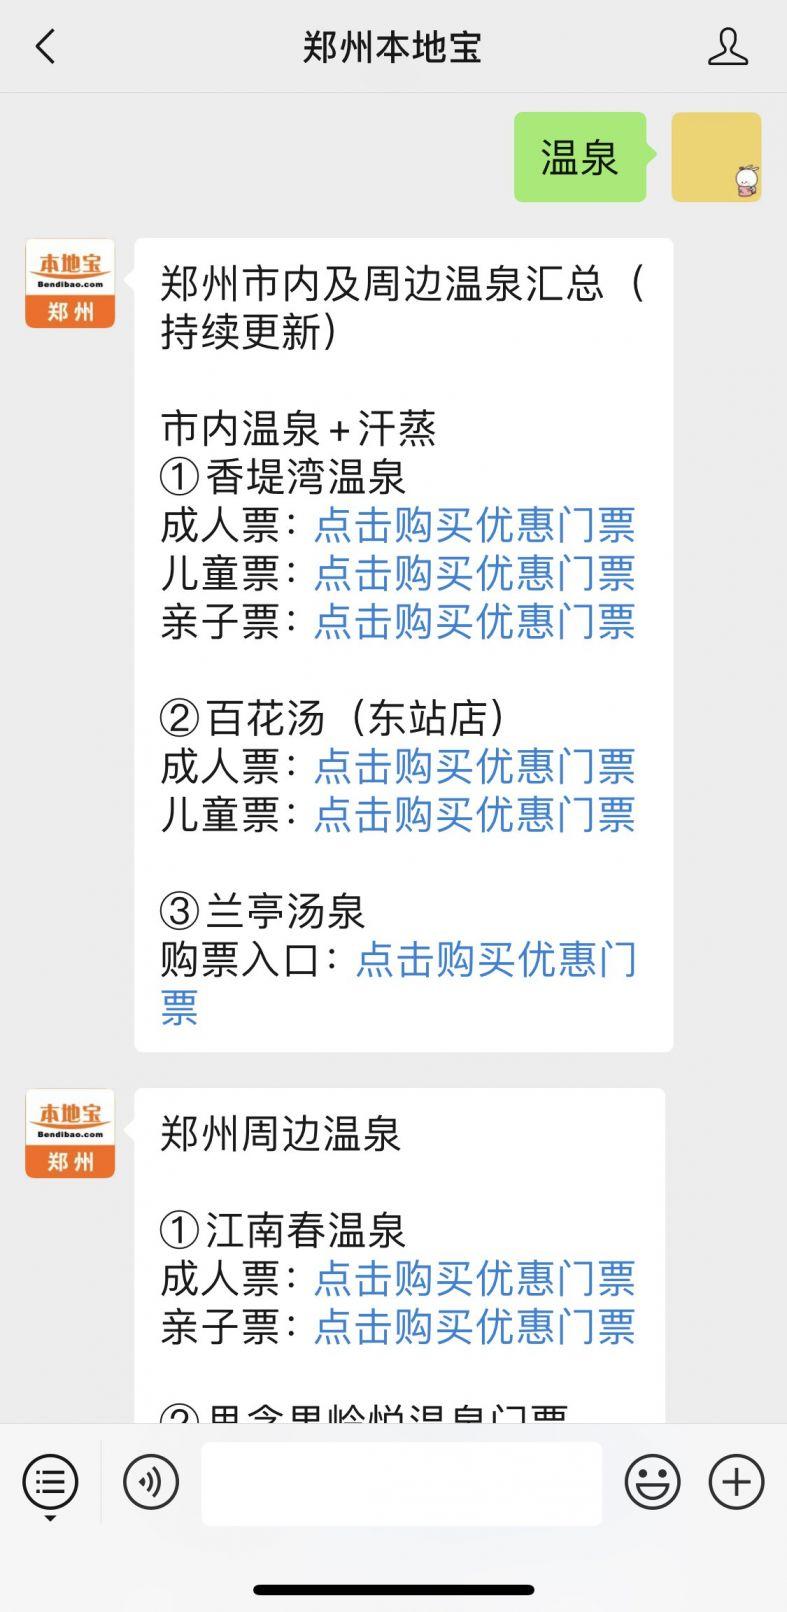 2019郑州周边温泉推荐(持续更新)